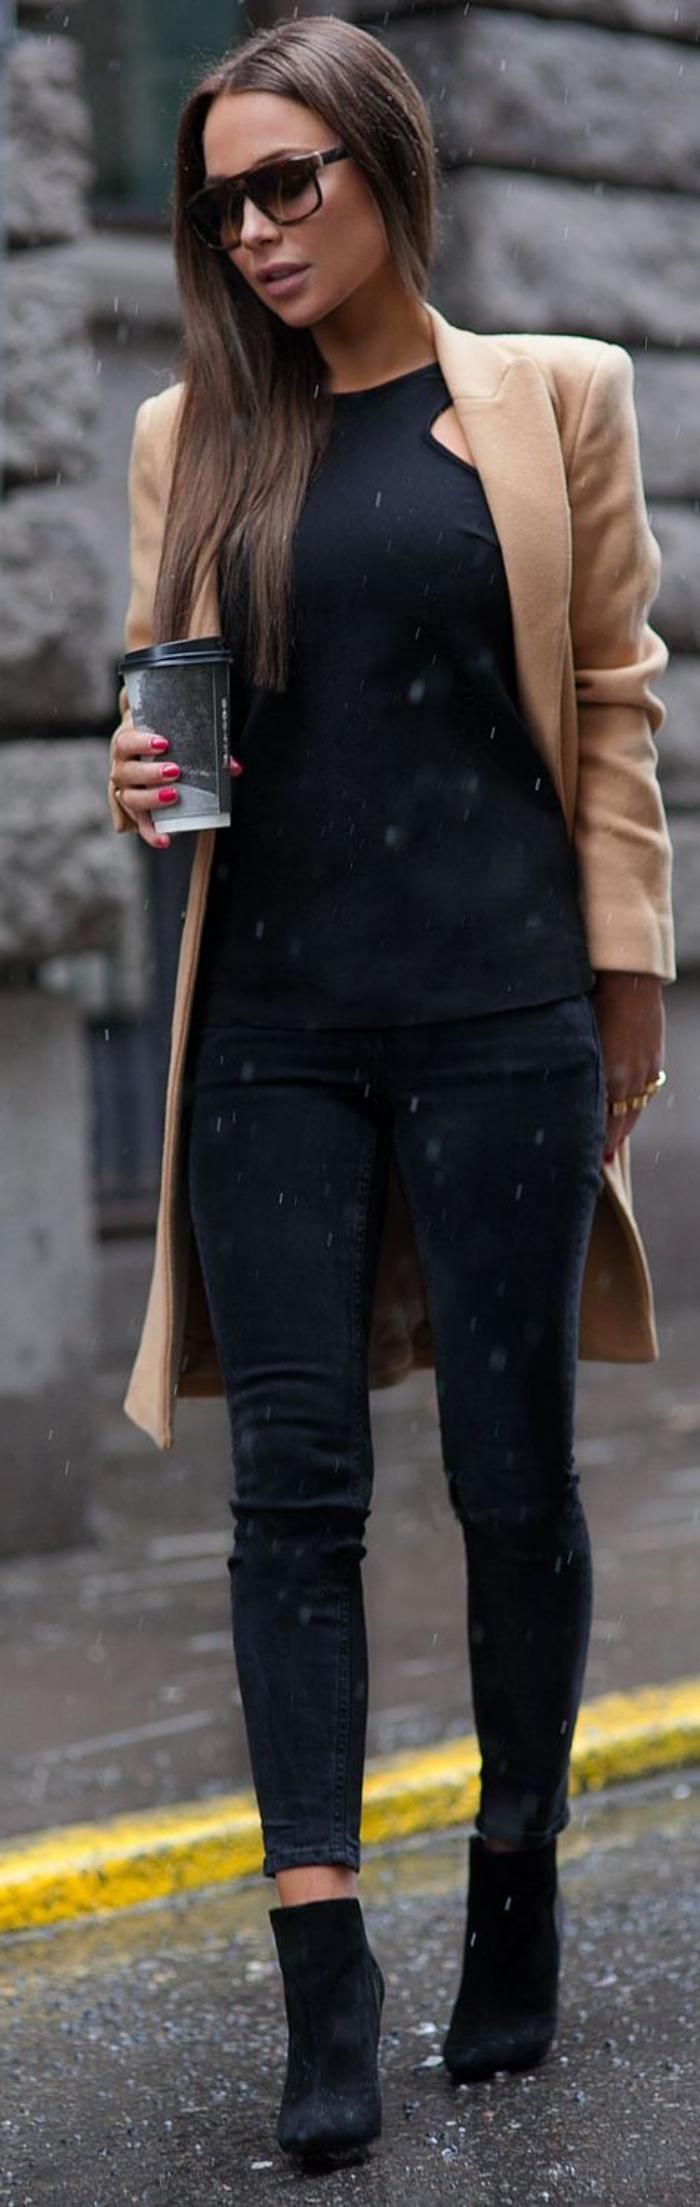 manteau camel et outfit noir, le style de la femme contemporaine